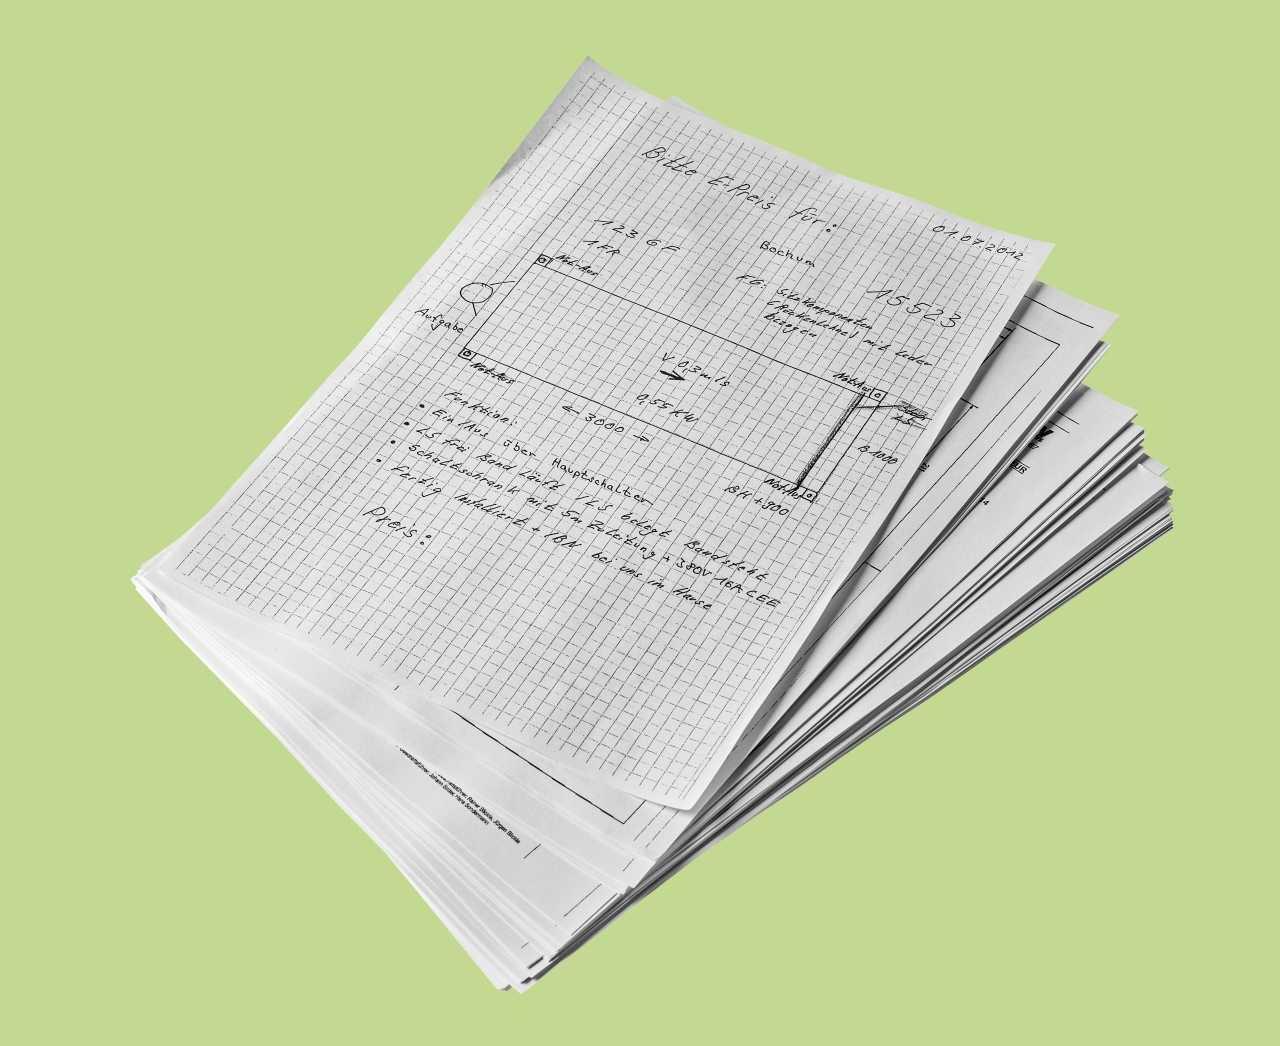 Am gebraucht gekauften Gerät konnten wir vertrauliche Dokumente des Vorbesitzers ausdrucken.